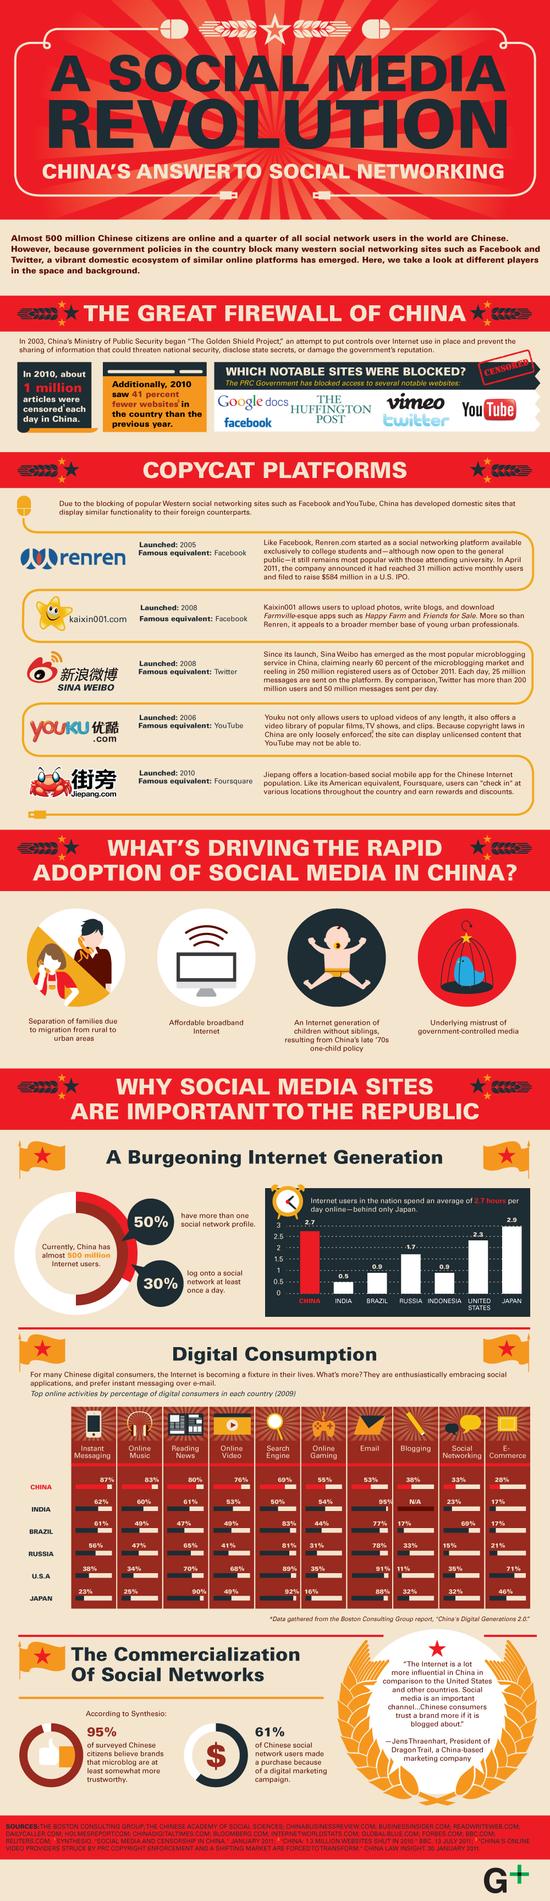 China's Social Media Revolution